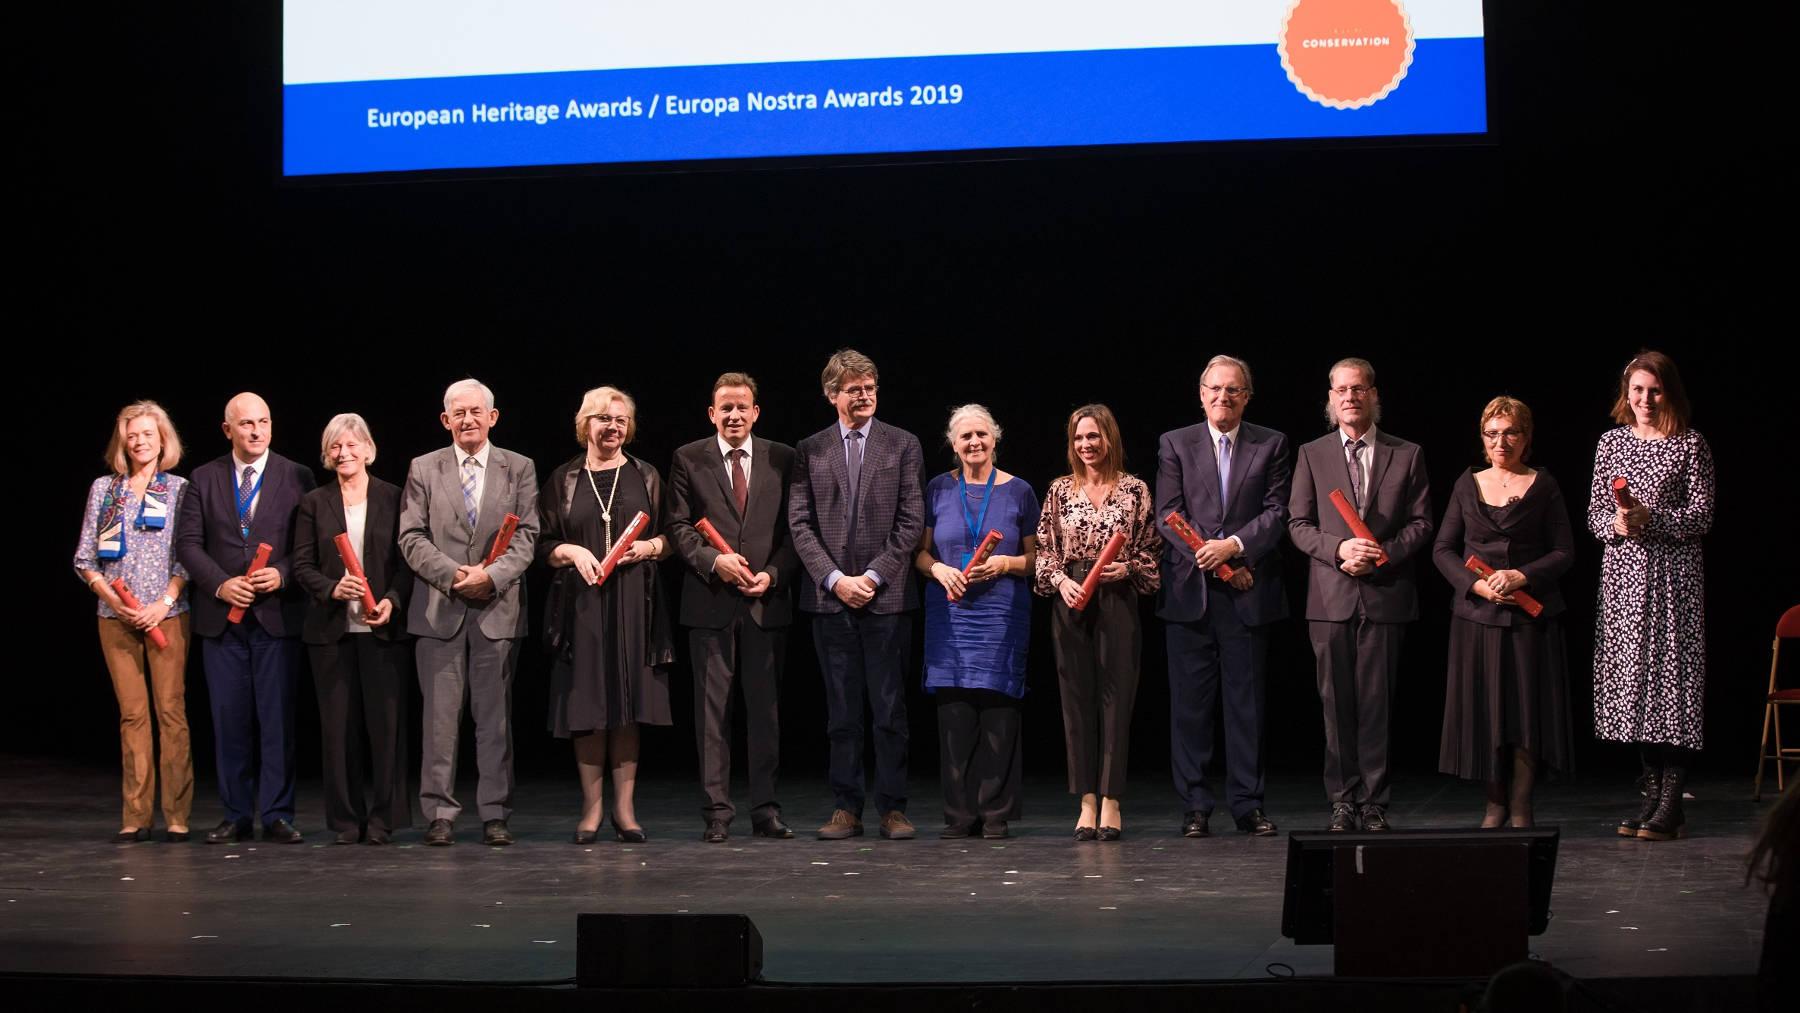 La Alhambra de Granada triunfa en París con dos Premios Europa Nostra